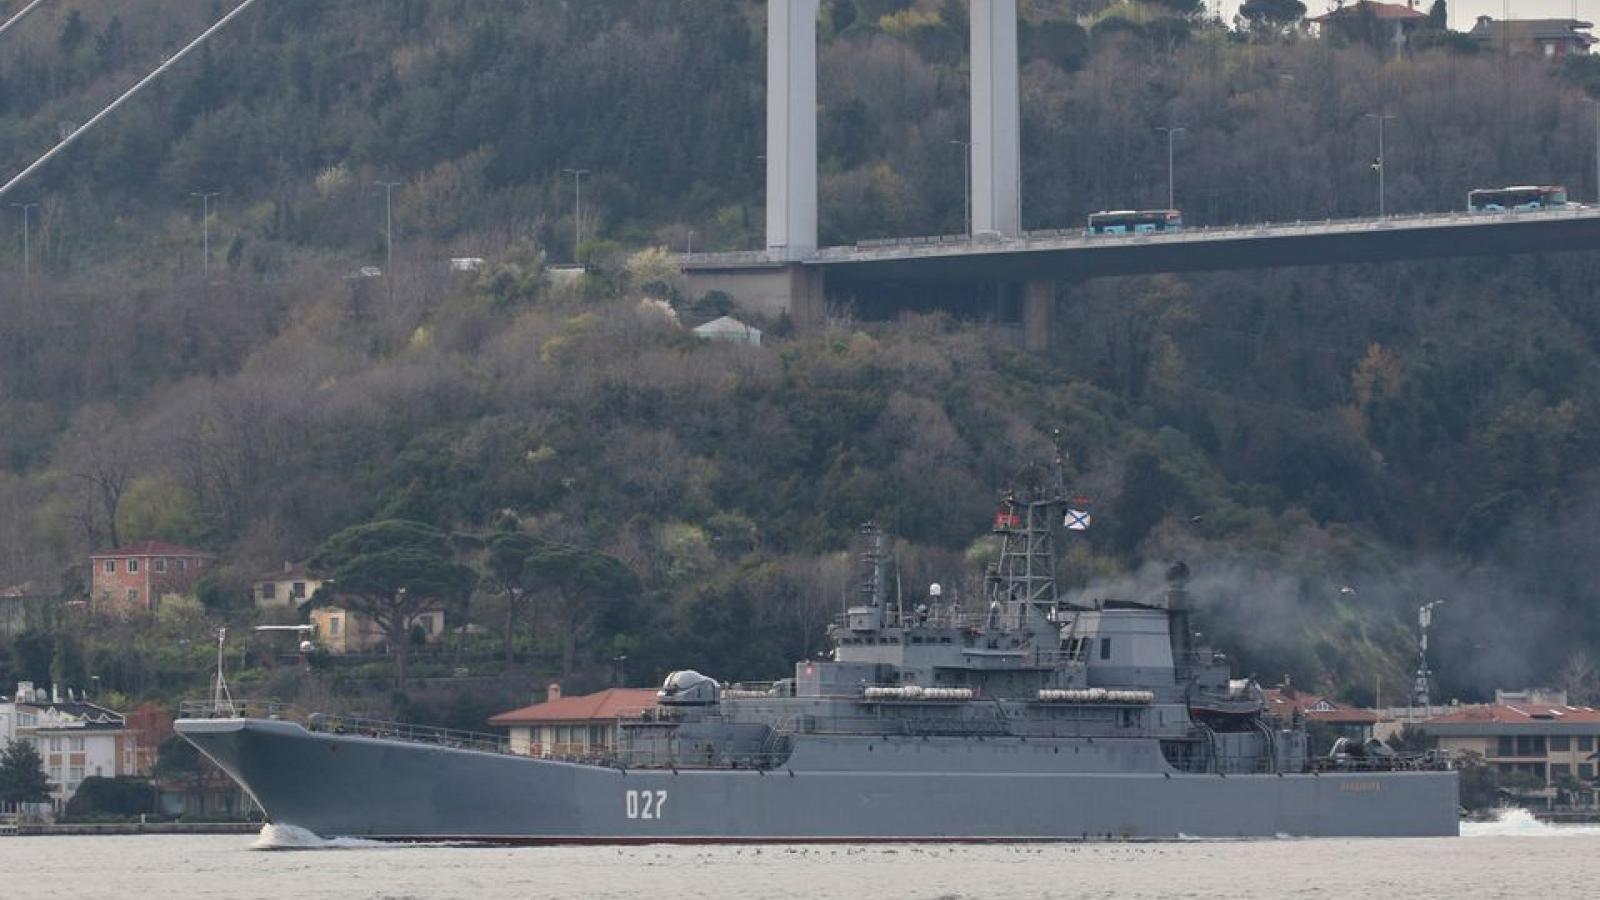 Hai tàu chiến của Nga đi qua Eo biển Bosphorus vào Biển Đen